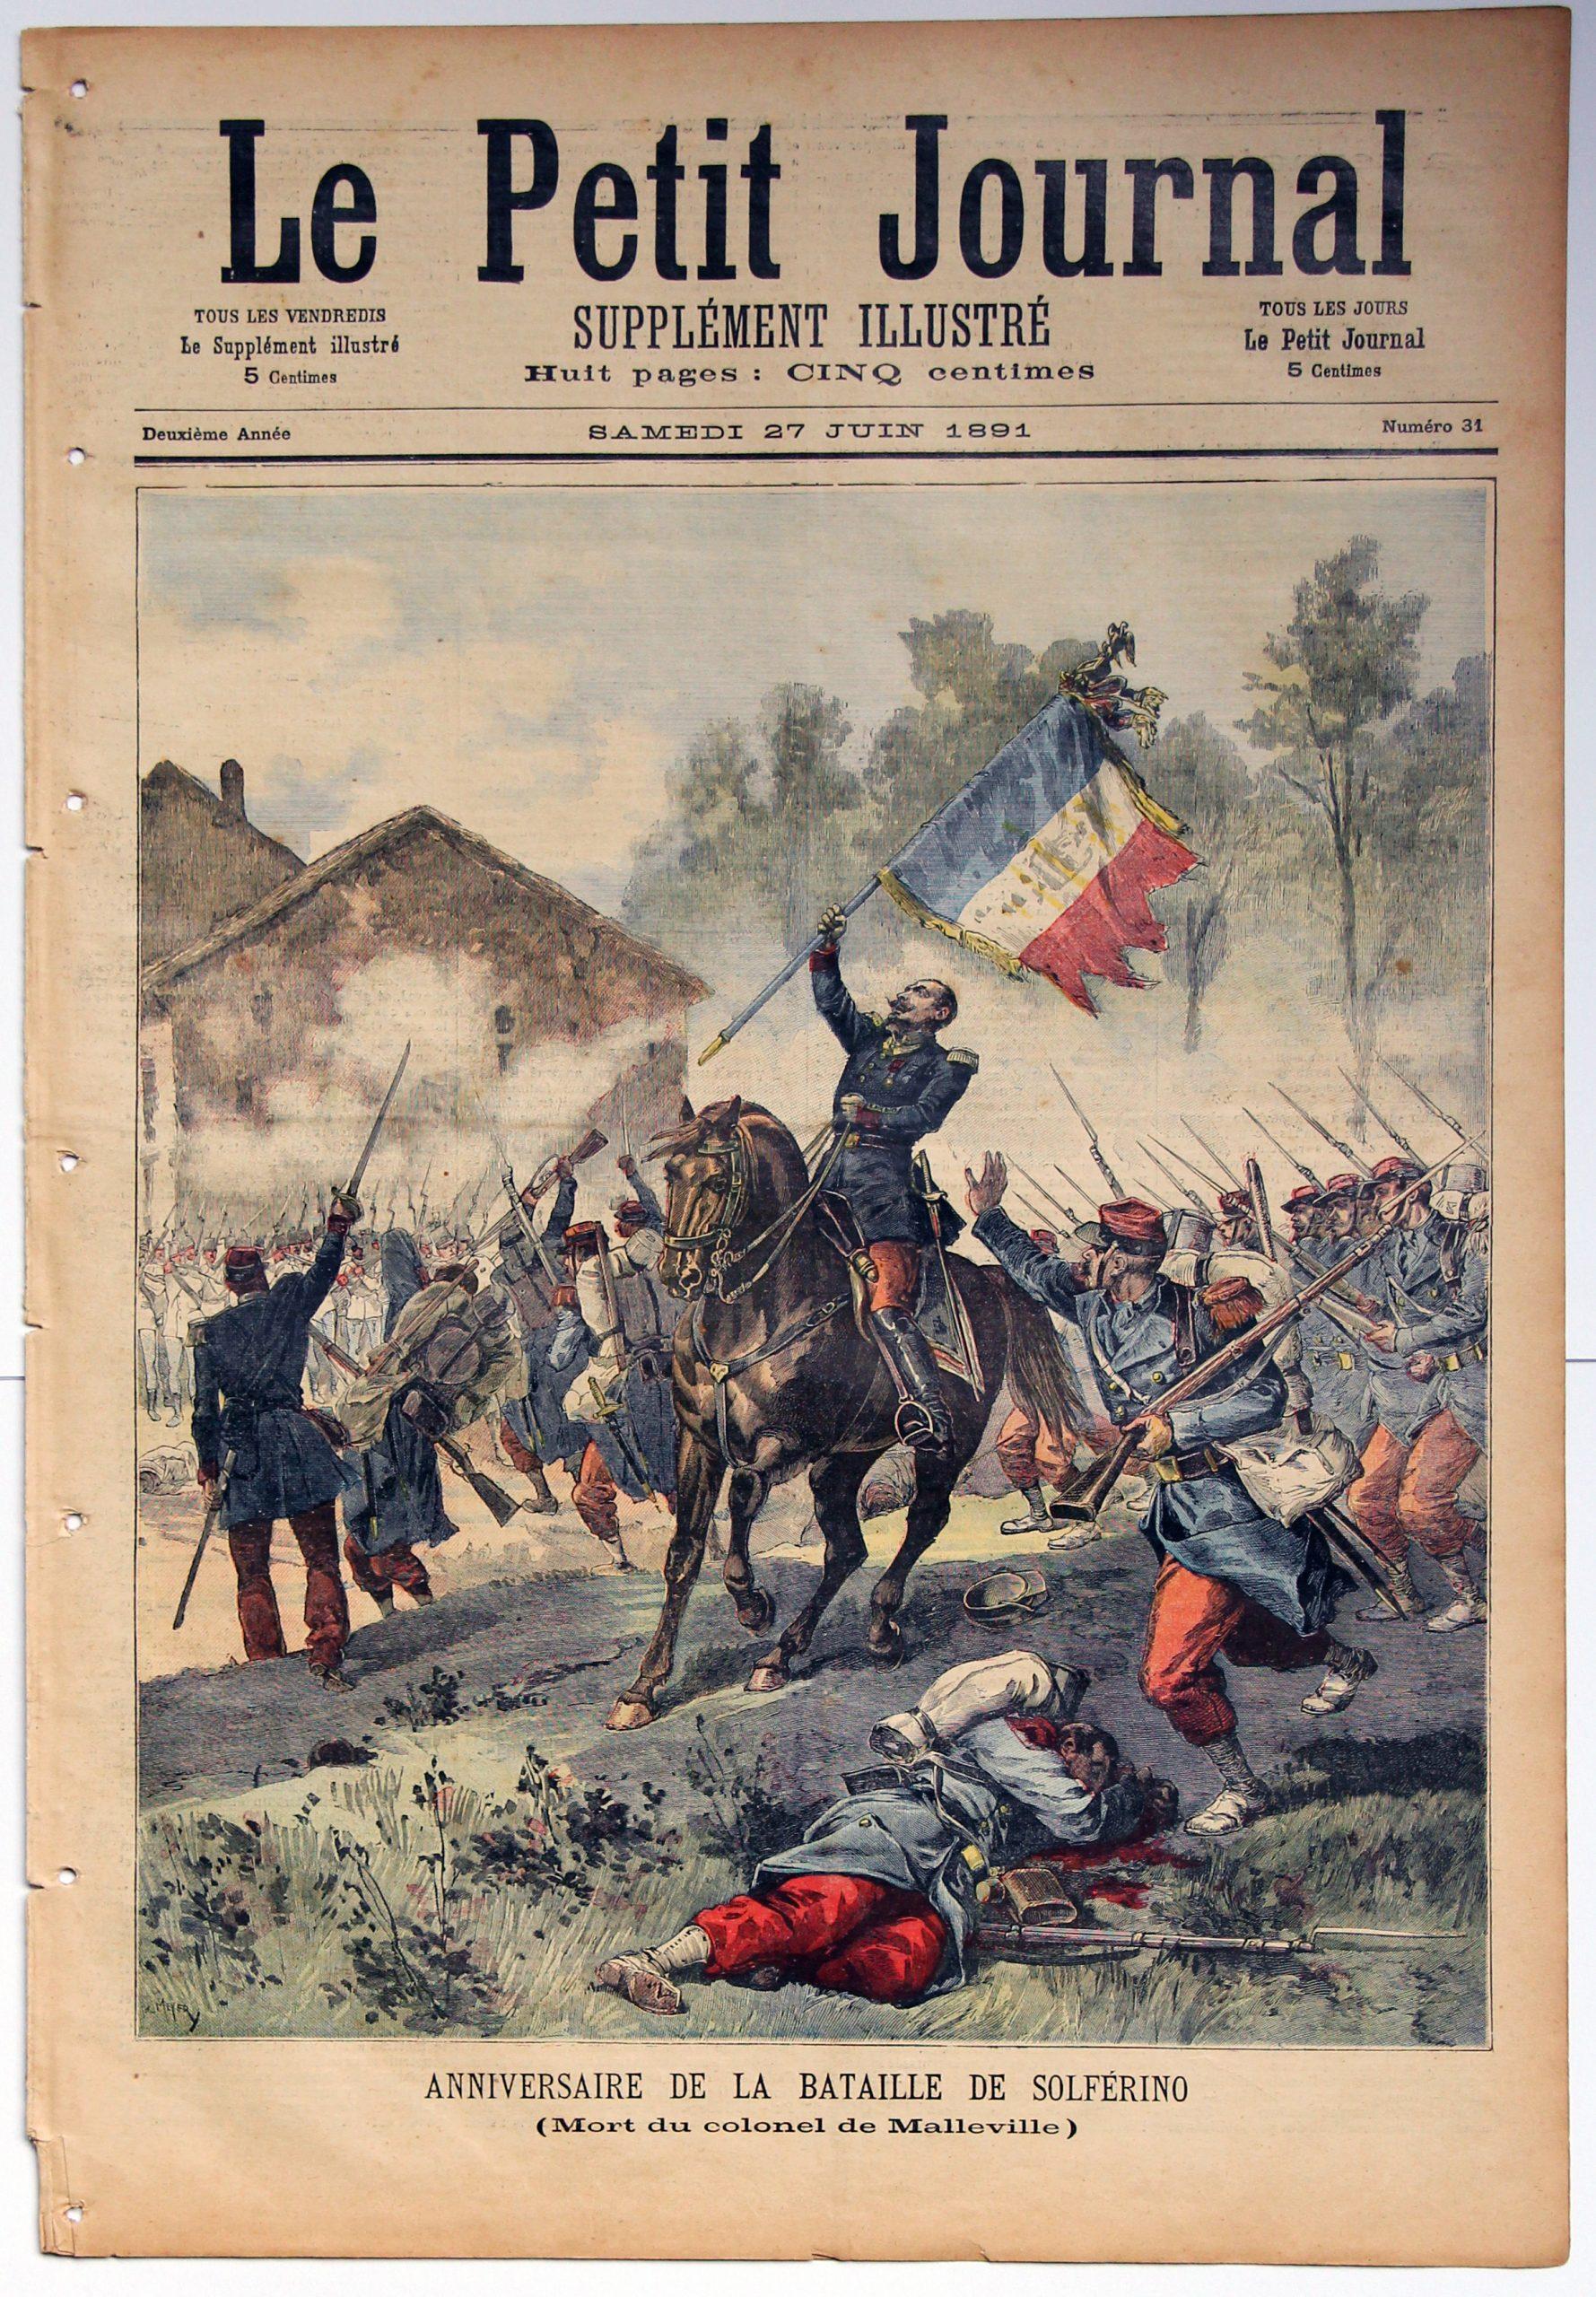 Le petit journal - supplément illustré - 27 juin 1891 - Anniversaire de la Bataille de Solférino